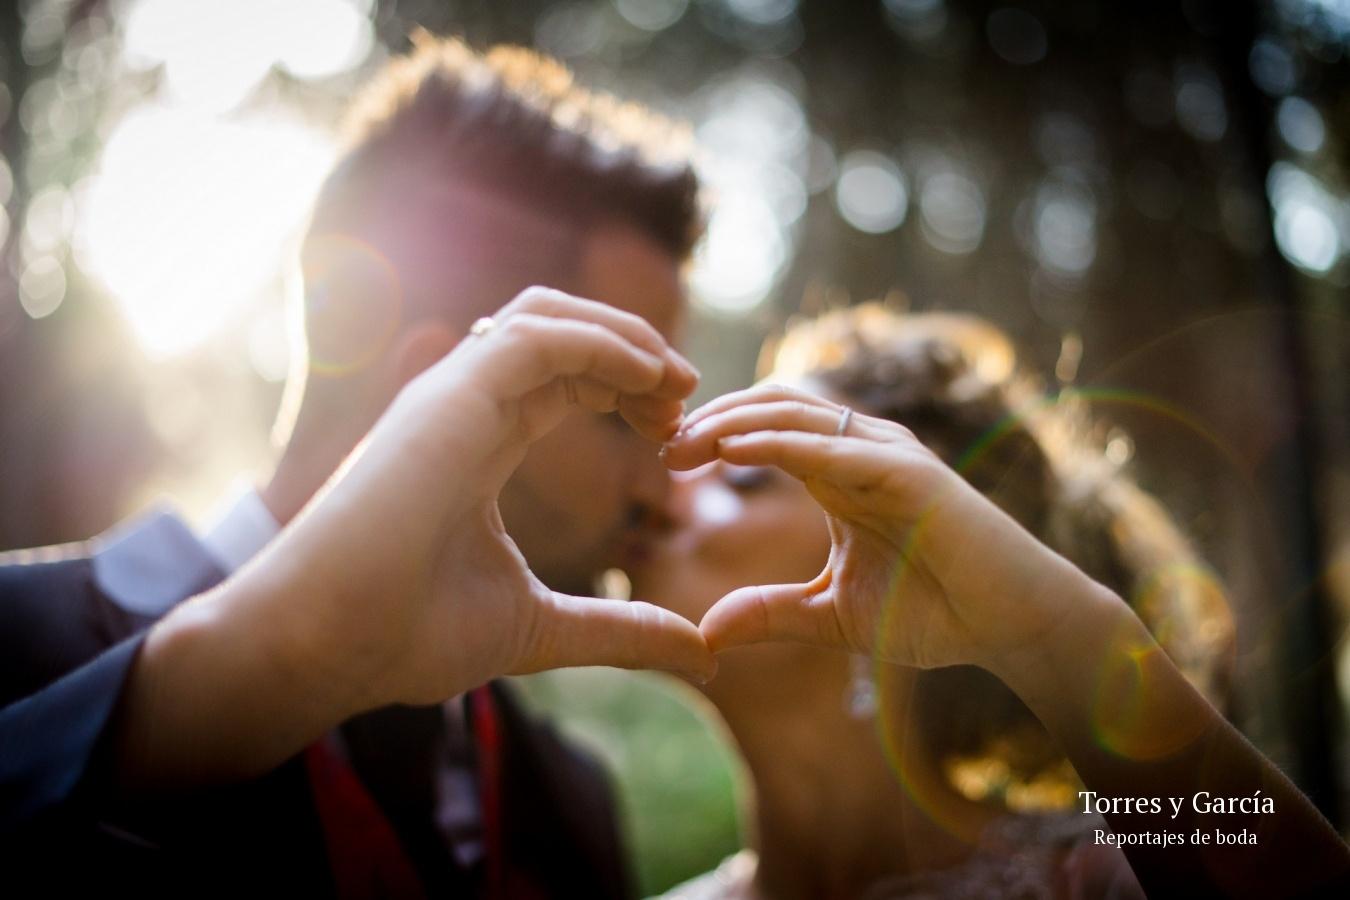 beso a contraluz - Fotografías - Libros y reportajes de boda diferentes.